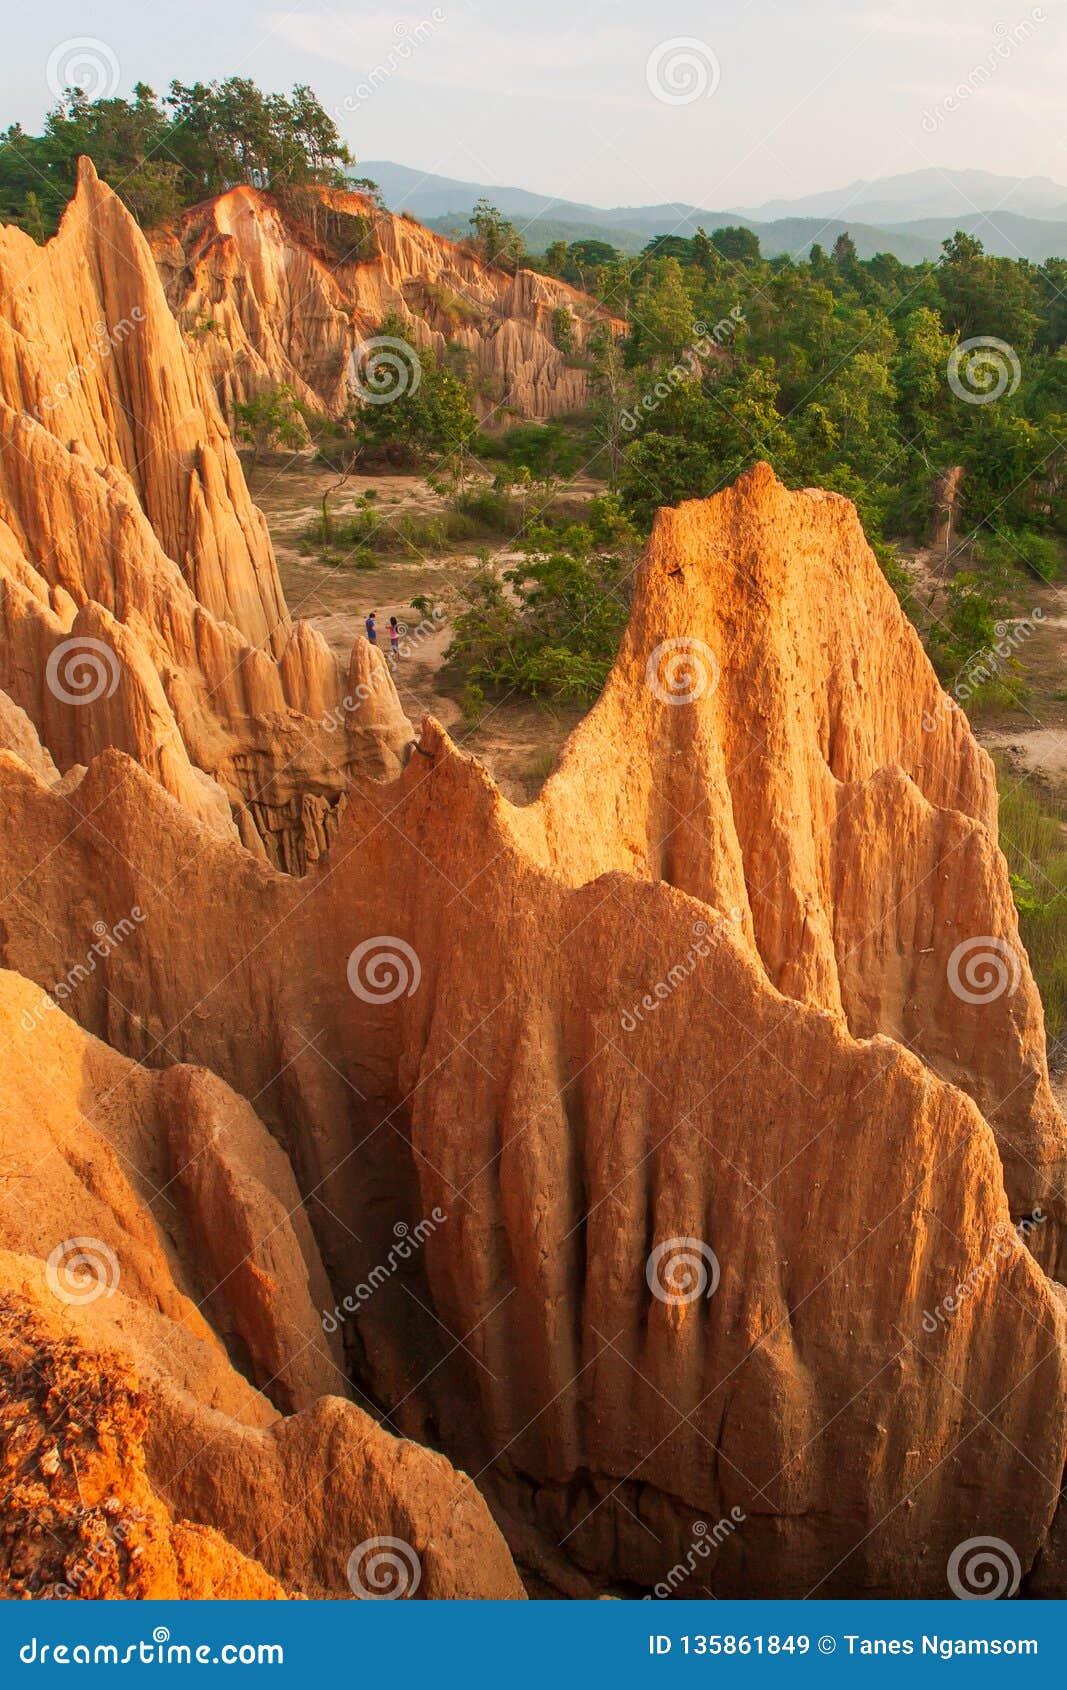 Τουρίστες ζεύγους στο αρχαίο φυσικό τοπίο στο ηλιοβασίλεμα Η περιοχή NA Noi Σάο DIN επιδεικνύει το γραφικό τοπίο του διαβρωμένου